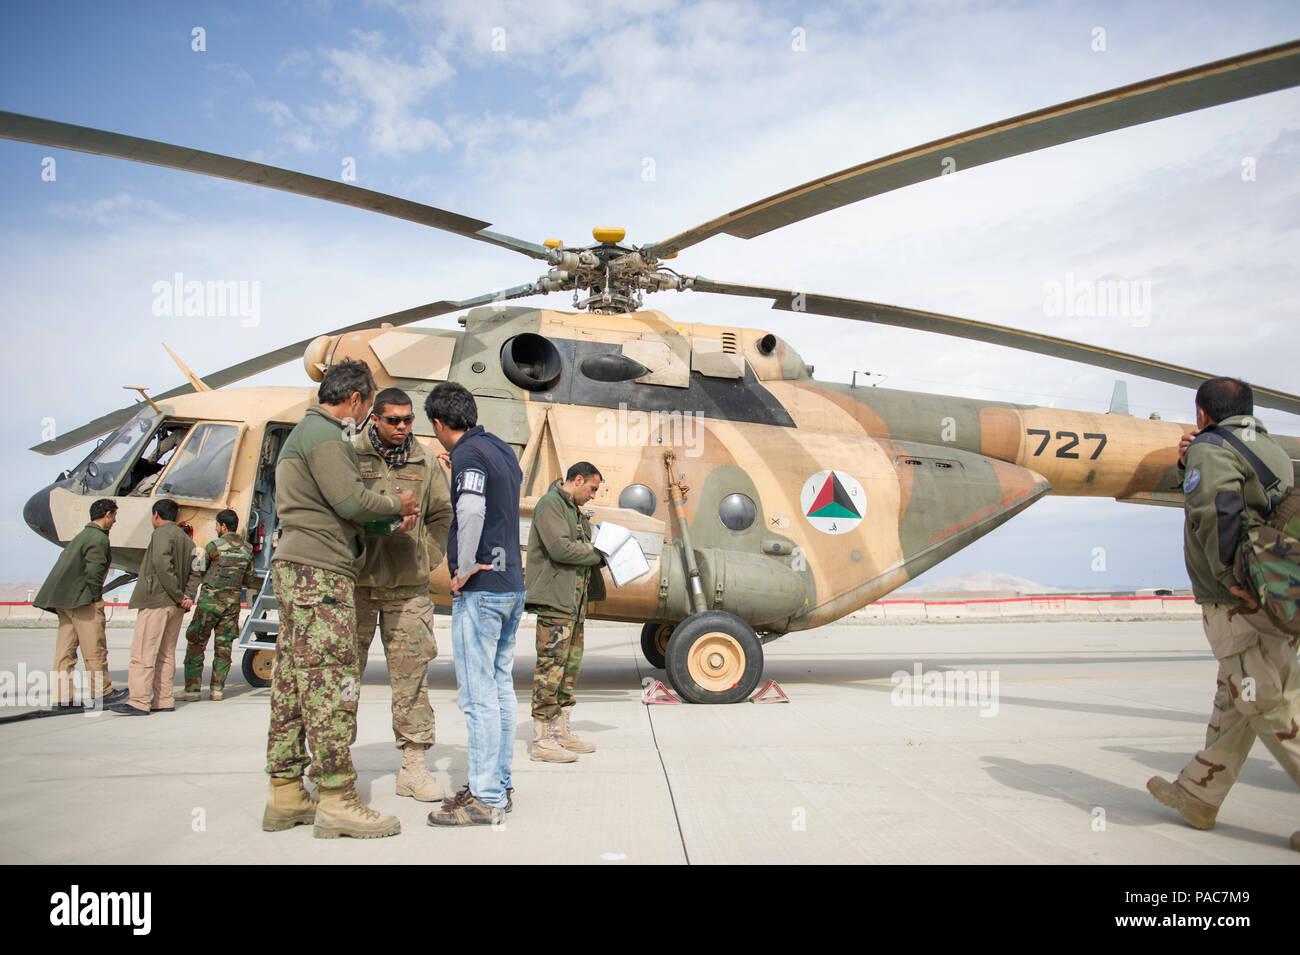 Tech. El Sgt. Erik Edwards, tren aconsejamos asistir a comando - M-17 Aire flightline advisor, habla con un miembro de la fuerza aérea afgana, con la ayuda de un intérprete, cerca de la rampa en el Aeródromo de Kandahar, Afganistán, 2 de marzo de 2016. Como mando funcional, aire TAAC asiste a nuestros aliados afganos para desarrollar un profesional, capaz y sostenibles de la fuerza. (Ee.Uu. Foto de la Fuerza Aérea/Tech. El Sgt. Robert Cloys) Foto de stock